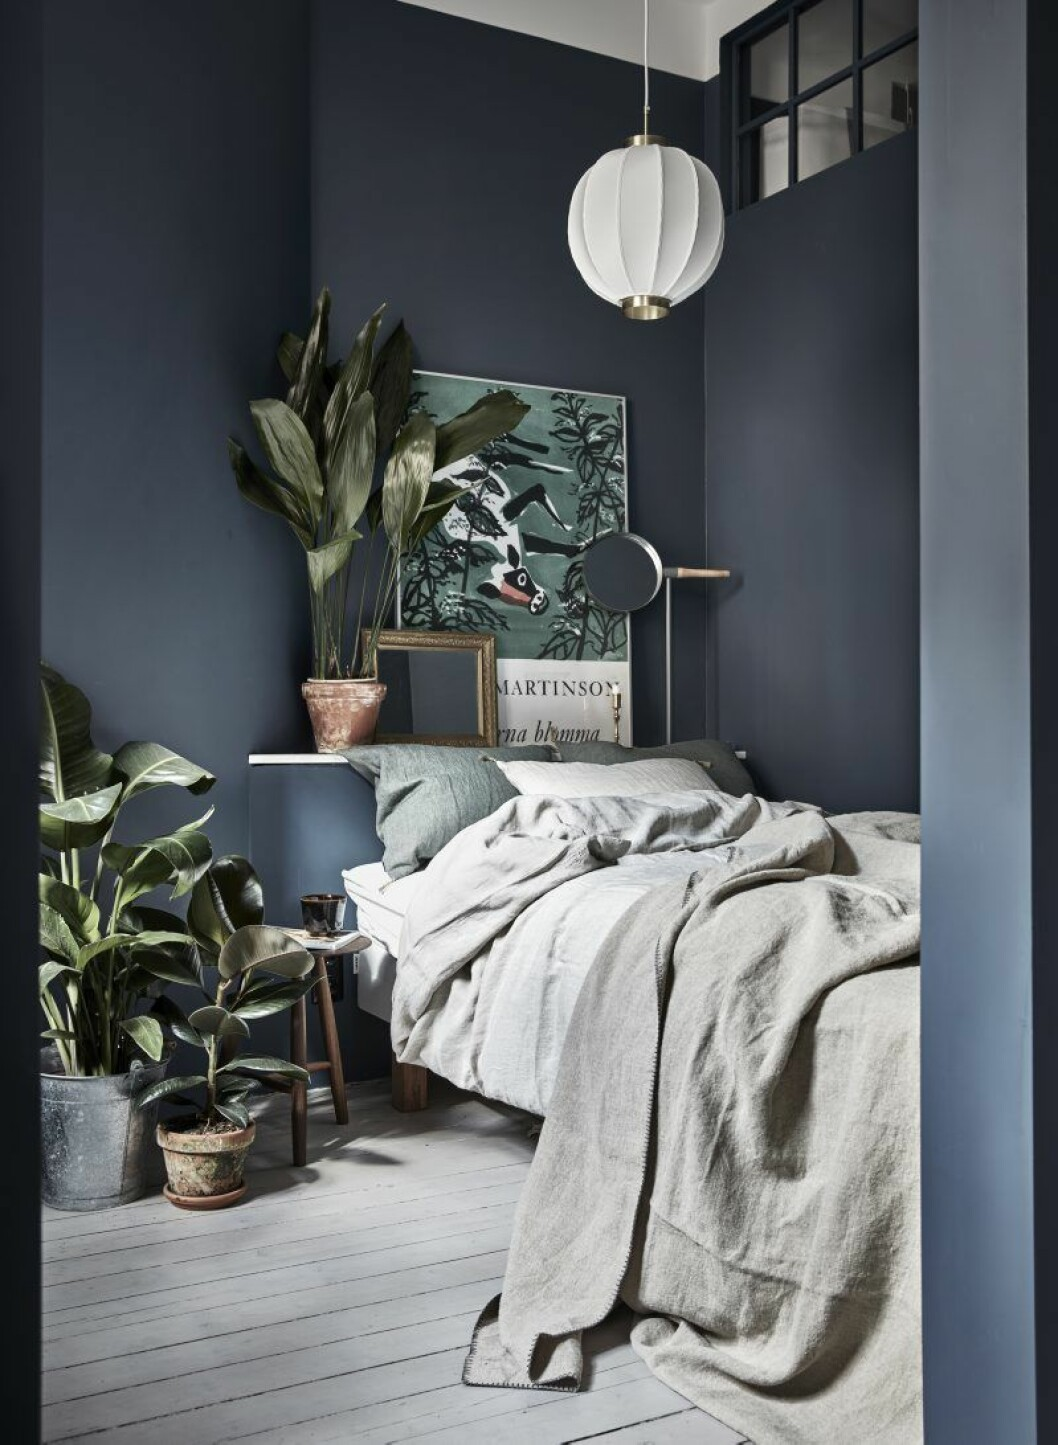 Samtliga sängkläder är köpta på Norrgavel. Rund bordsspegel Me Mirror, design Mathias Hahn för Asplund. Taklampa köpt på Svenskt tenn. Pall från Norrgavel.